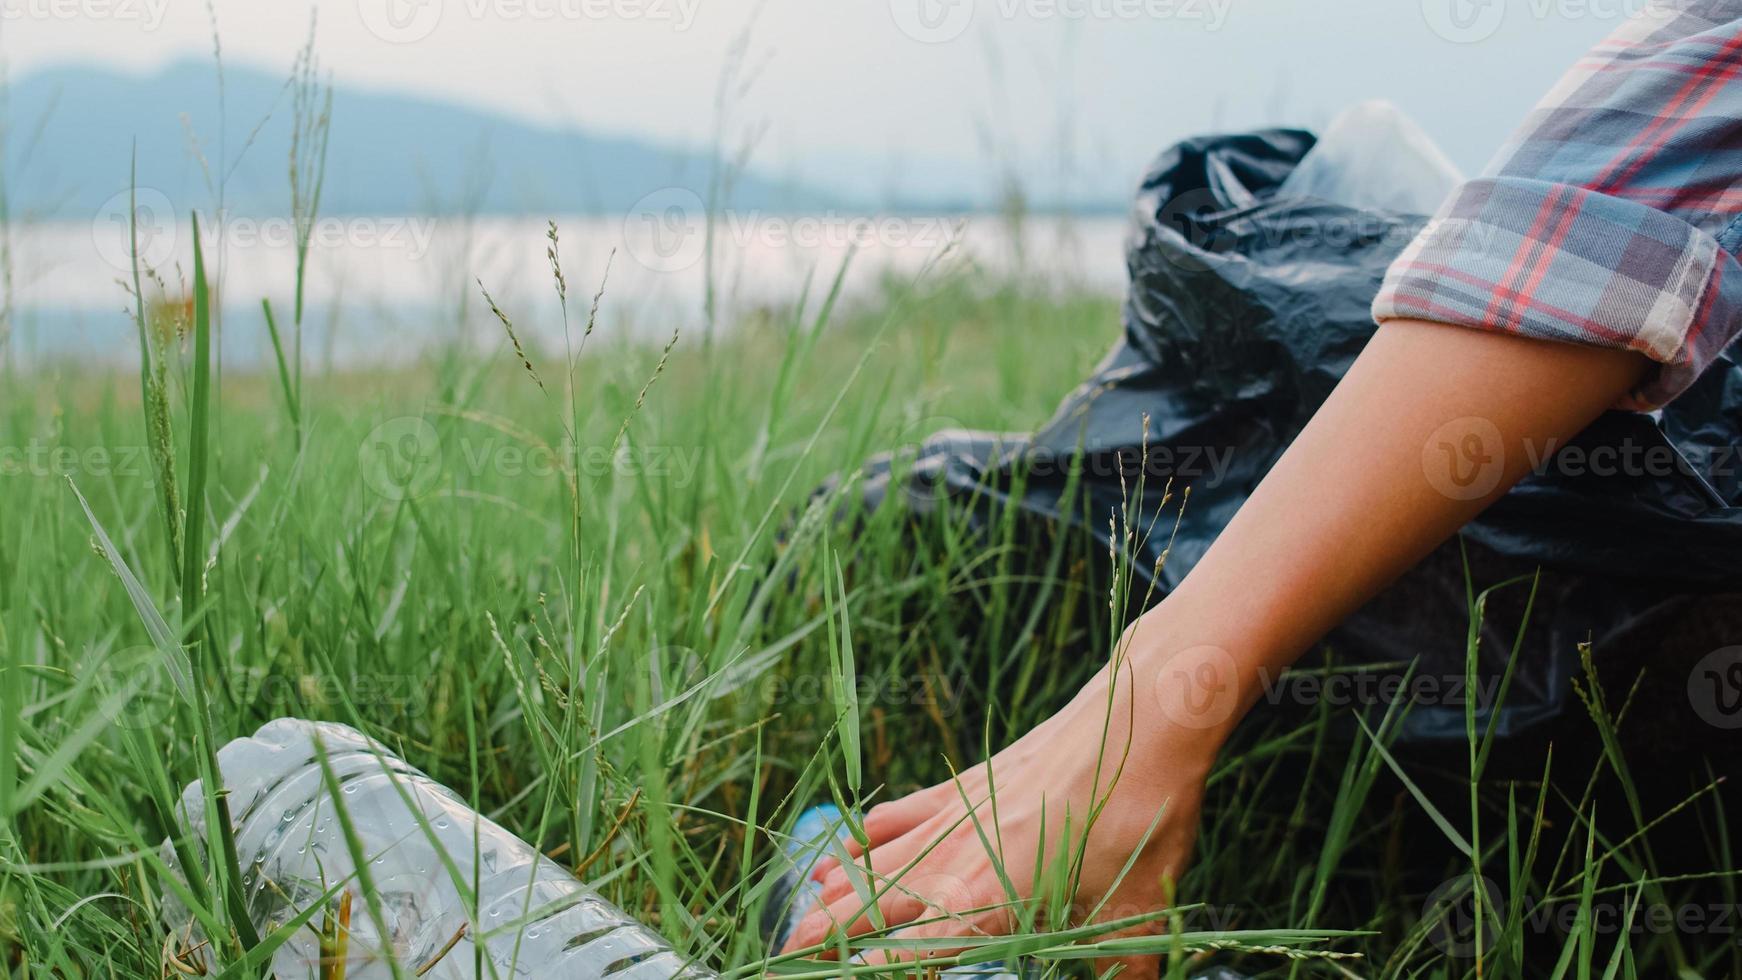 felizes jovens ativistas da ásia coletando resíduos de plástico na floresta. Mulheres voluntárias coreanas ajudam a manter a natureza limpa e coletar o lixo. conceito sobre problemas de poluição de conservação ambiental. foto